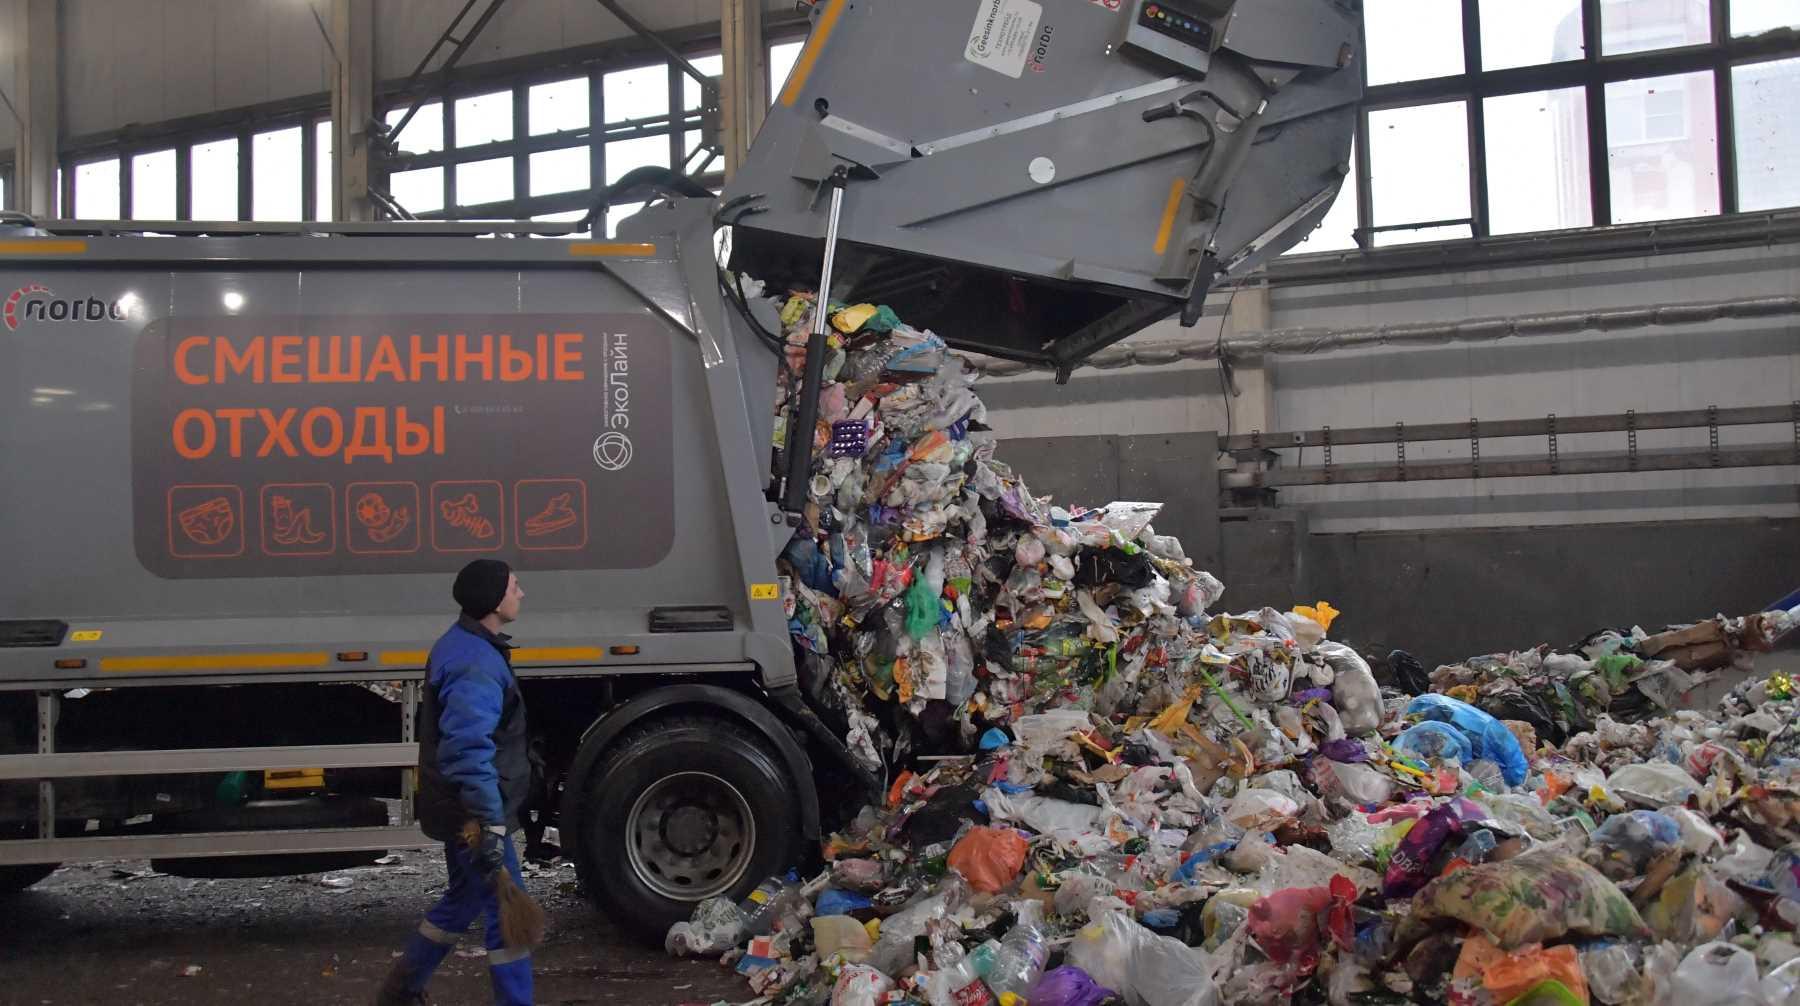 Фото: © Global Look Press / Комсомольская правда